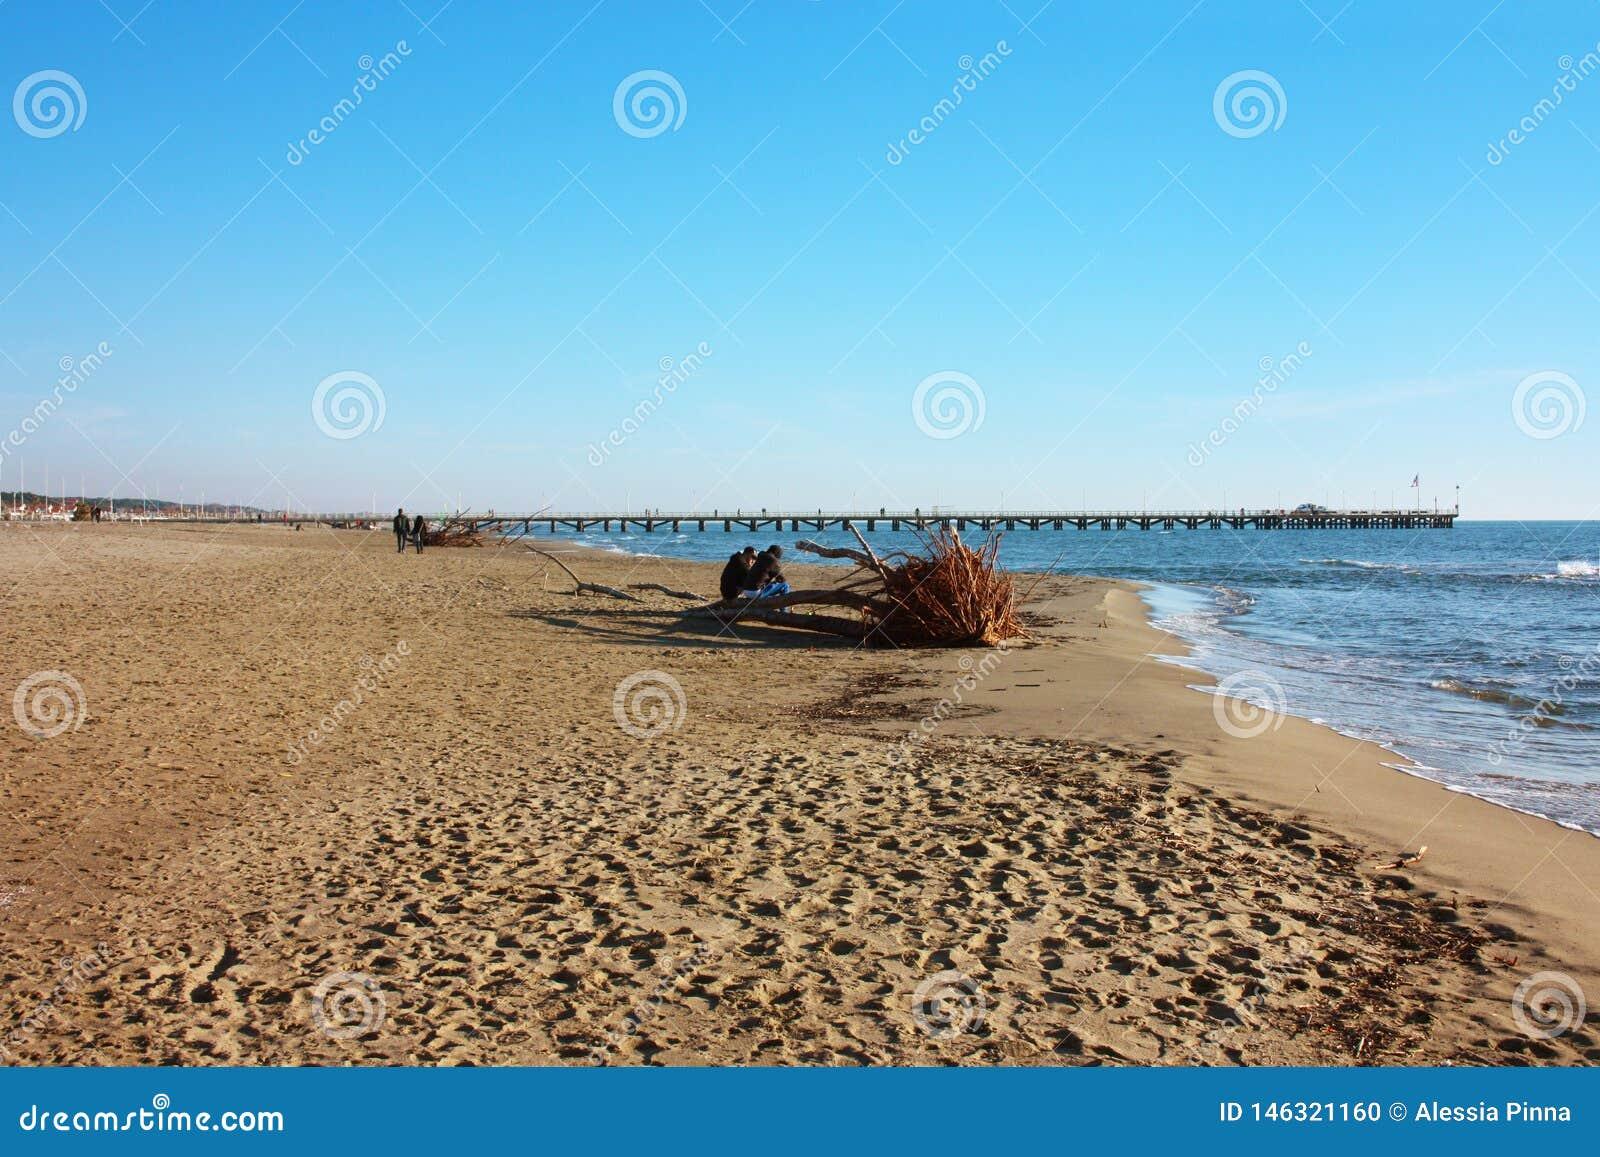 Mooie zonnige de winterdag op het zandige strand van Versilia in Forte dei Marmi De werf op de horizon, een weinig blauwe overzee